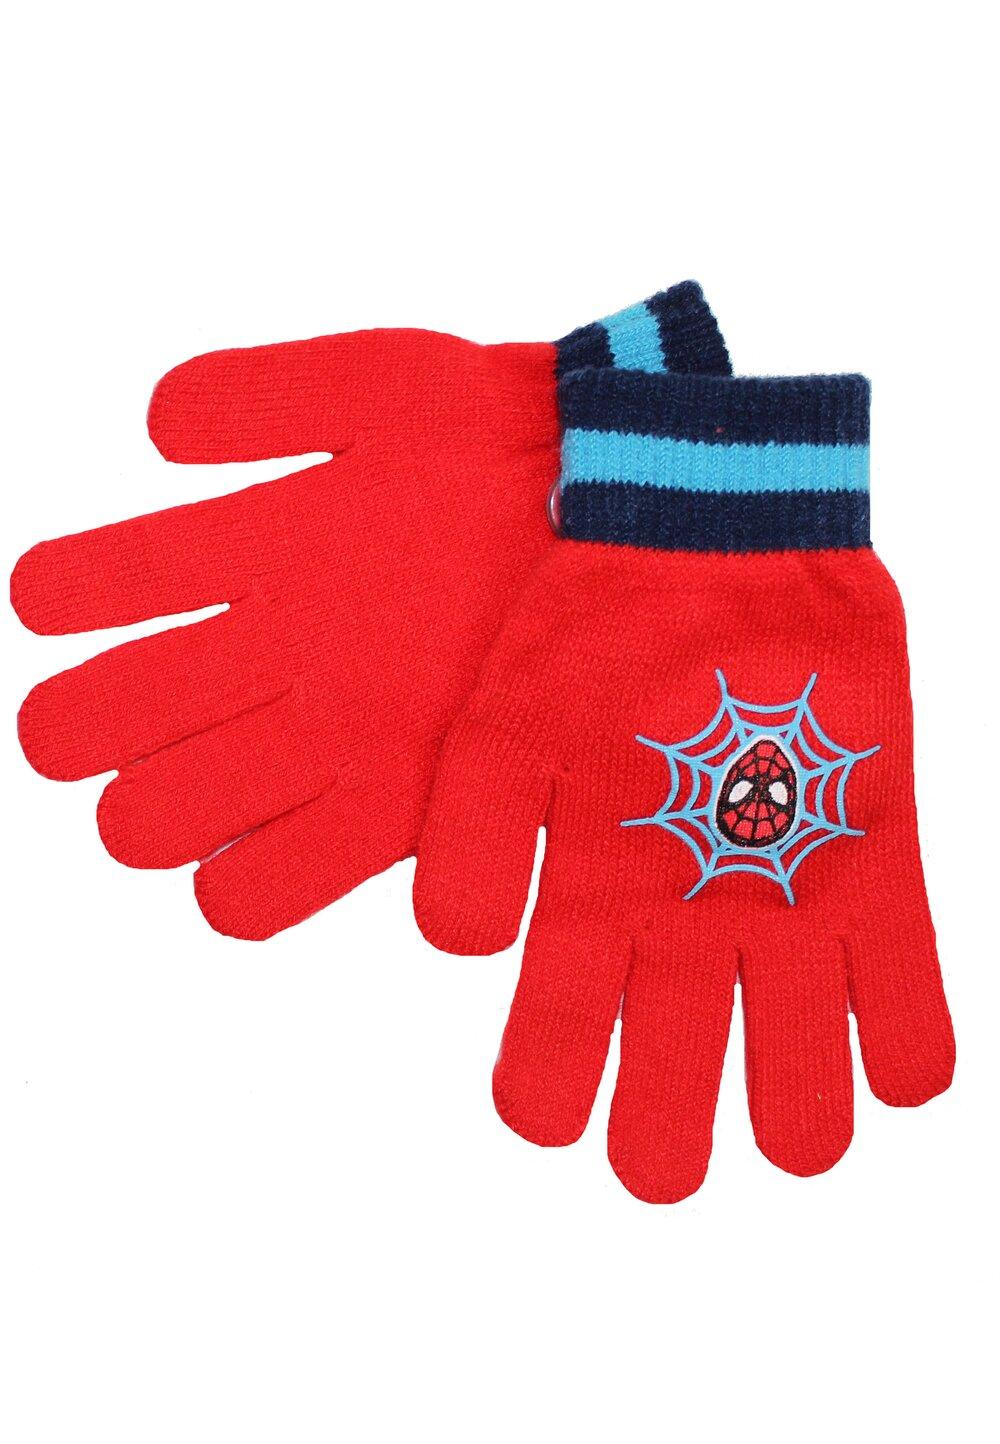 Manusi, Spider-man, rosu cu albastru imagine